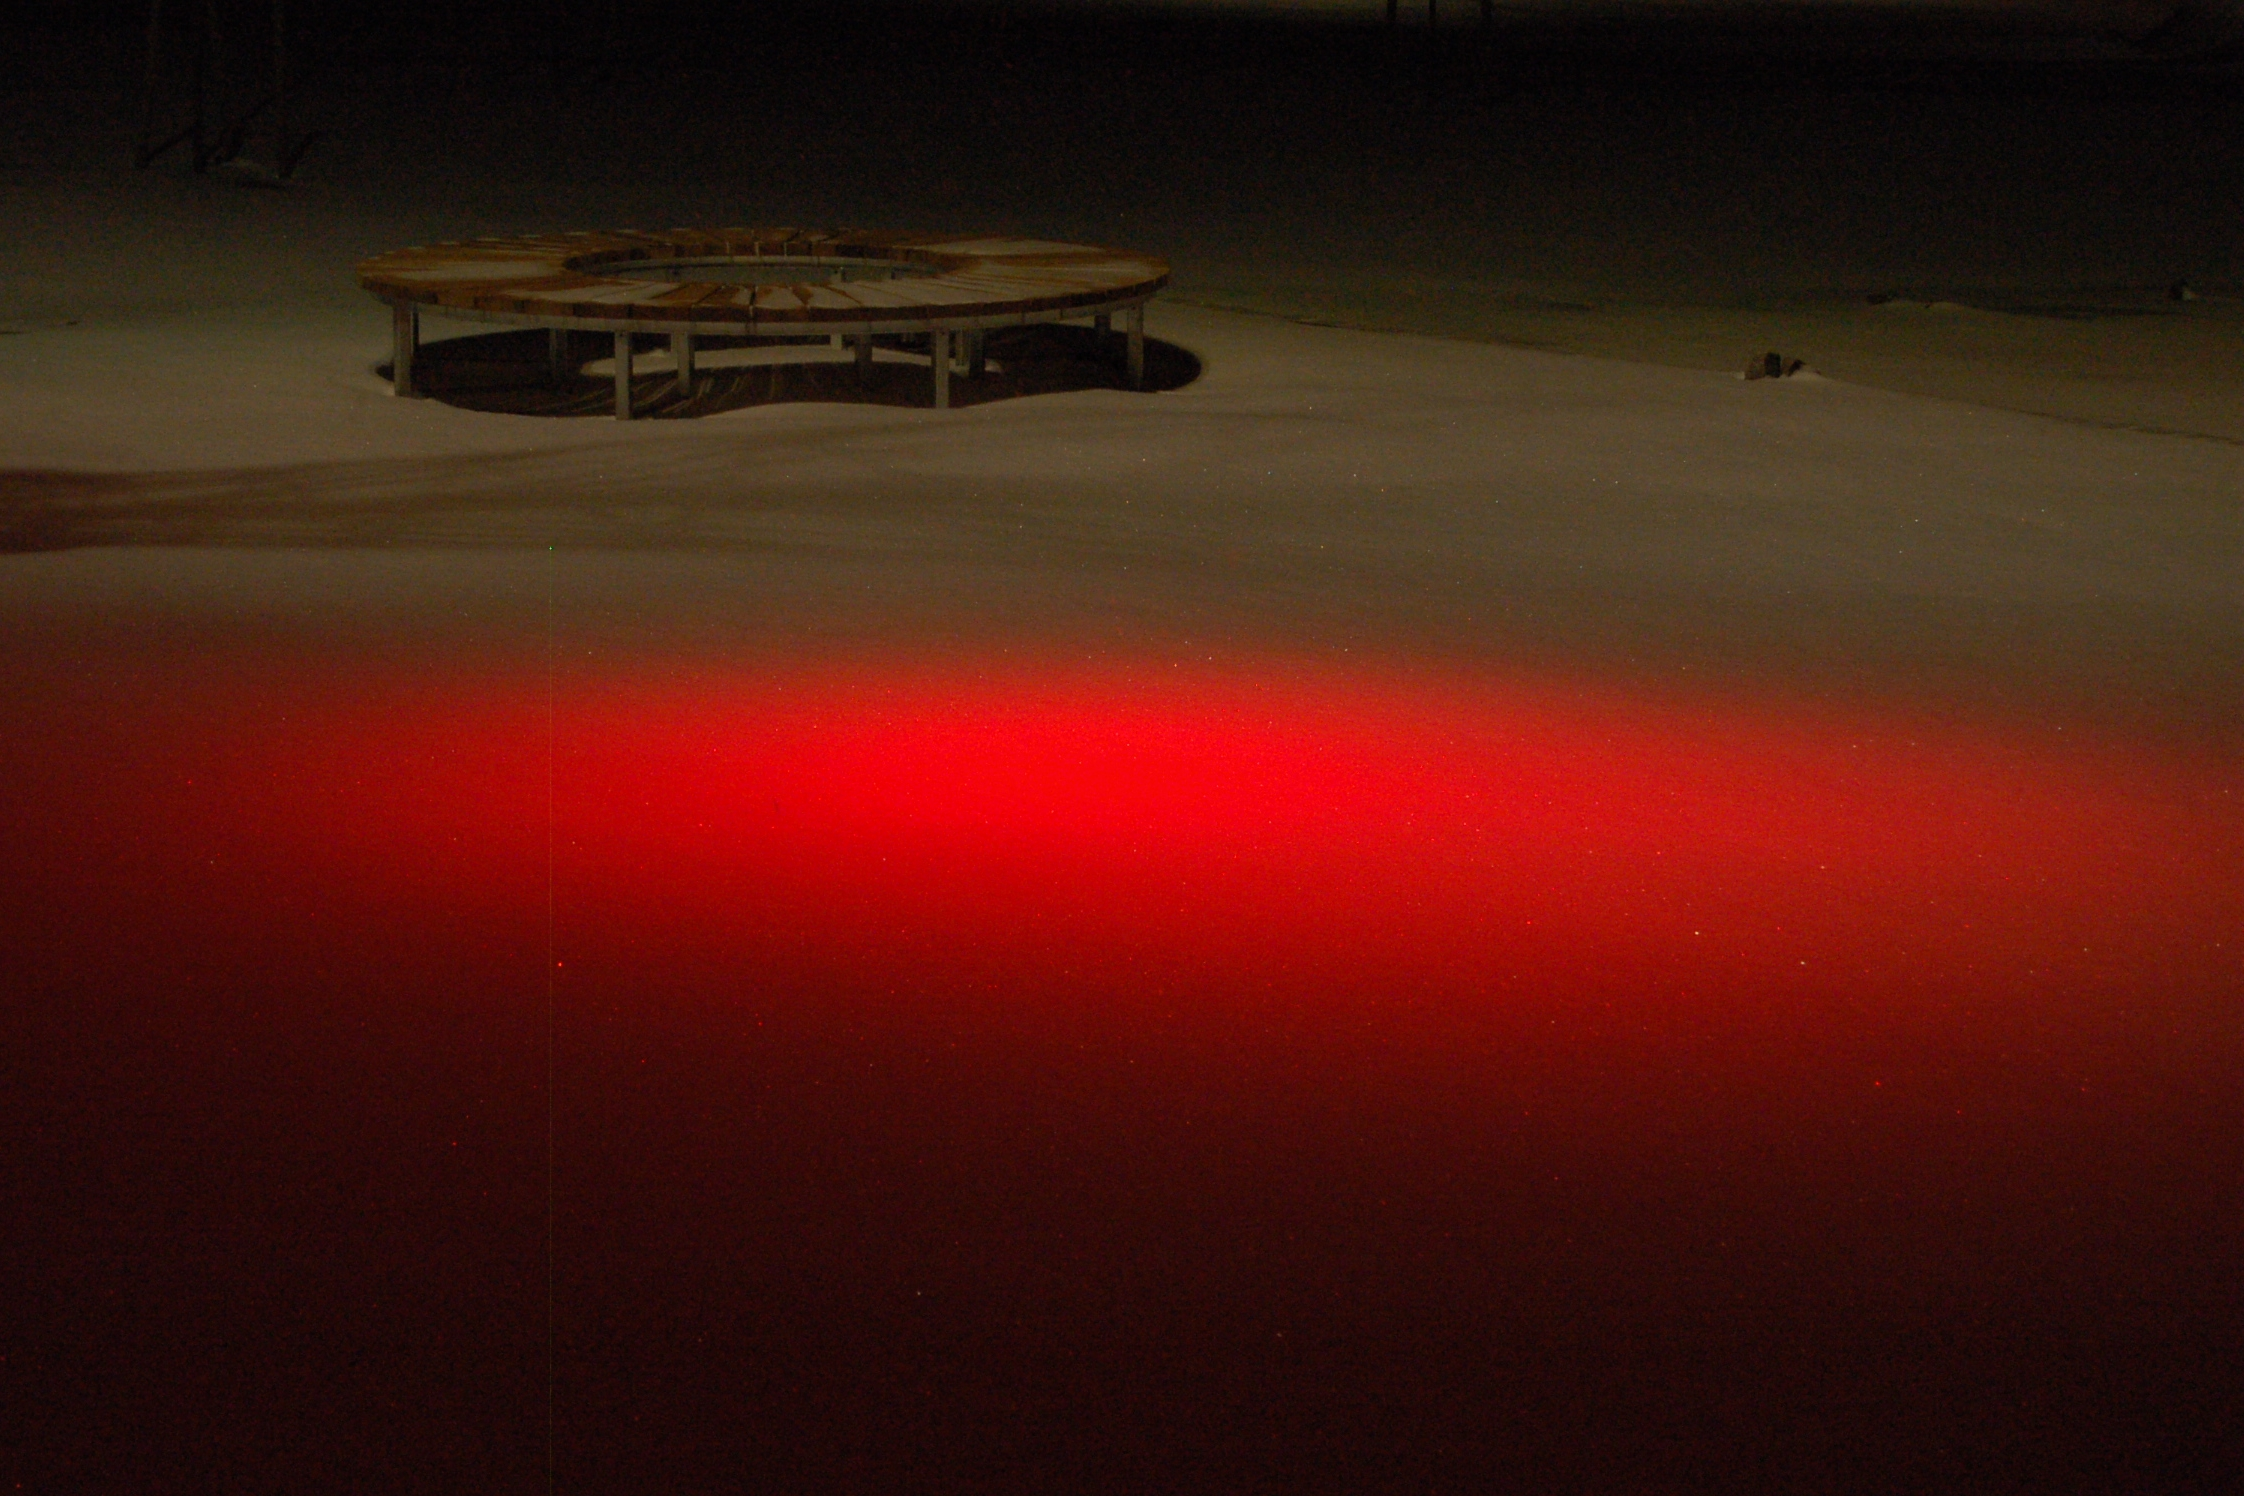 Rødt lys og rund benk